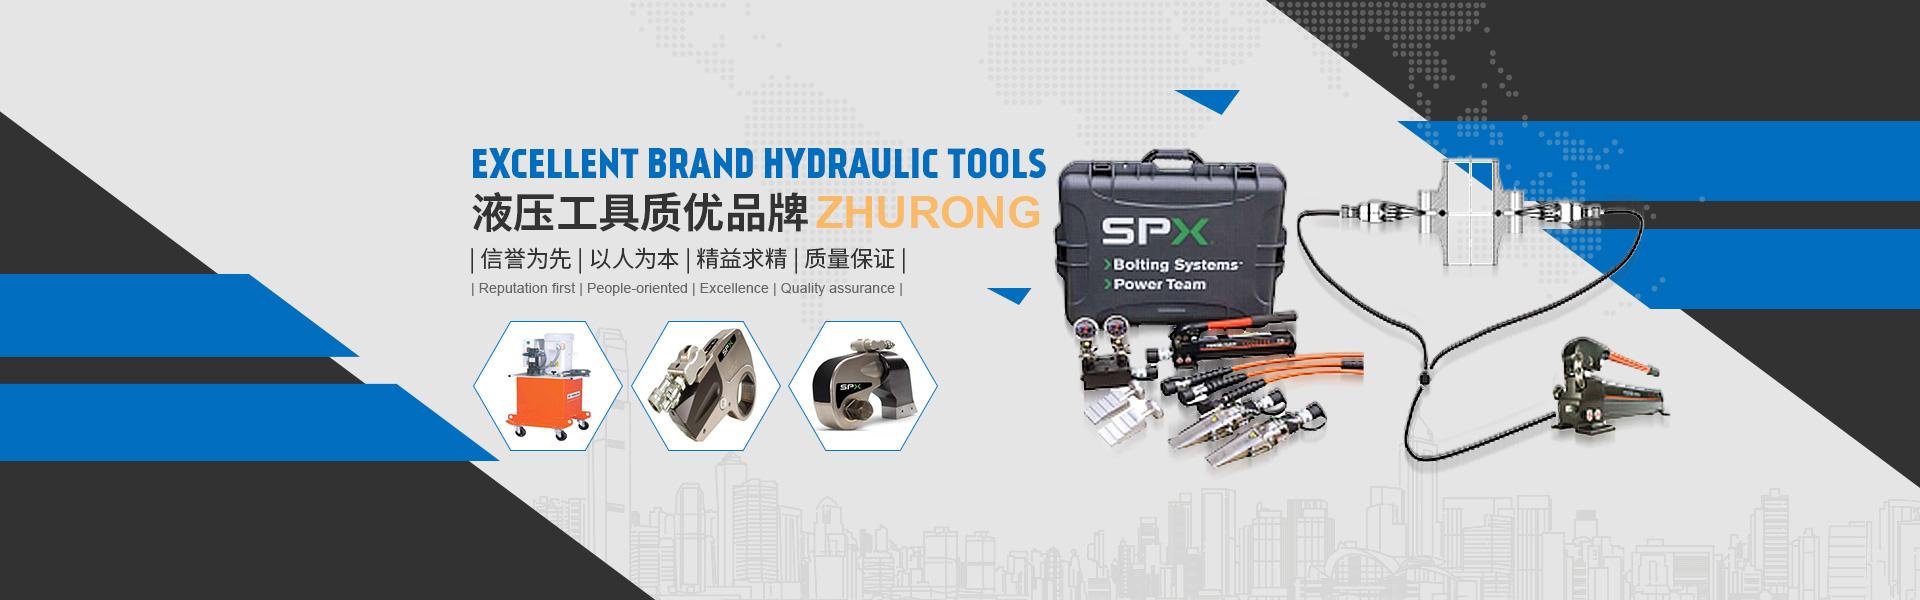 上海祝融起重机械有限公司